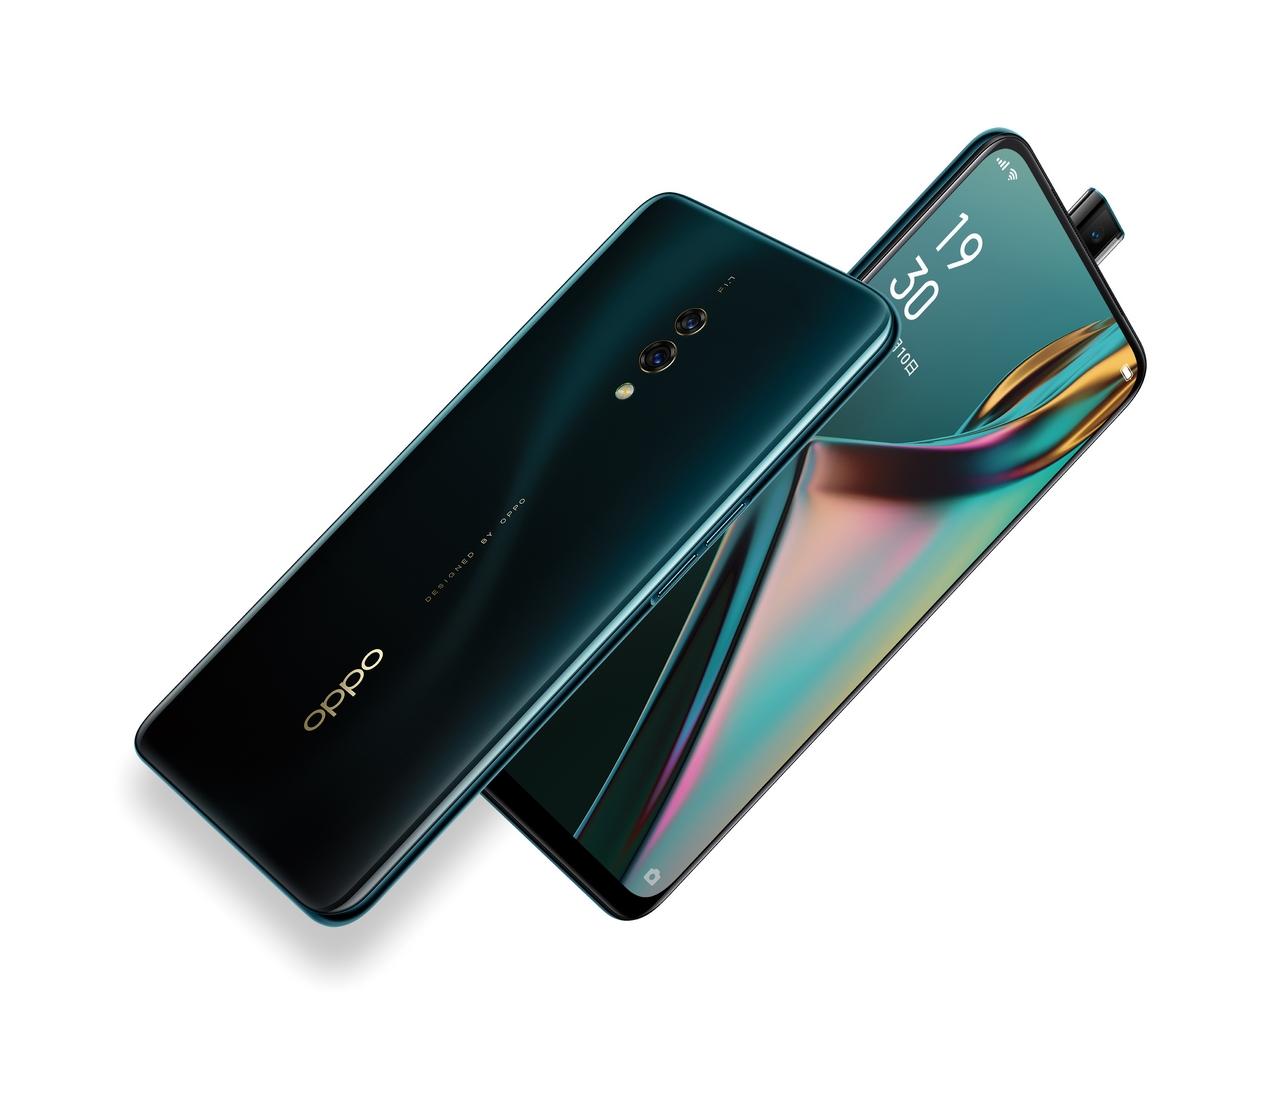 Oppo bất ngờ ra mắt smartphone K3 tại VN: bản rút gọn của Reno, giữ nguyên chip, bớt camera, bộ nhớ trong, giá bằng một nửa